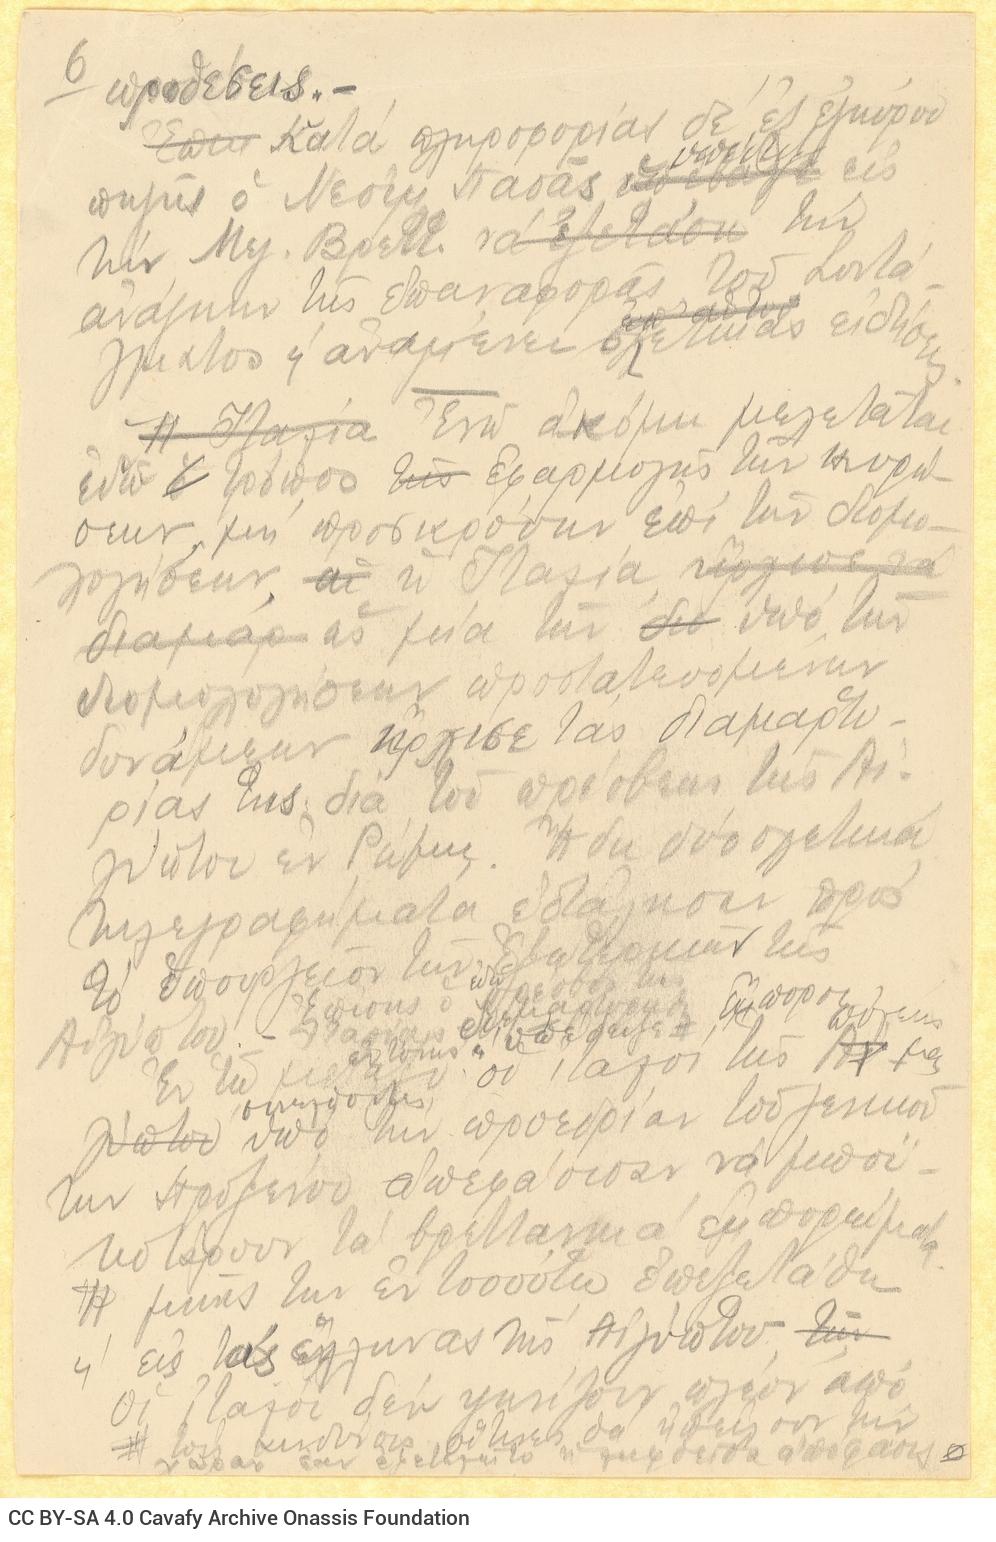 Τμήμα χειρόγραφου κειμένου της Ρίκας Σεγκοπούλου στο verso τριών φύλλ�